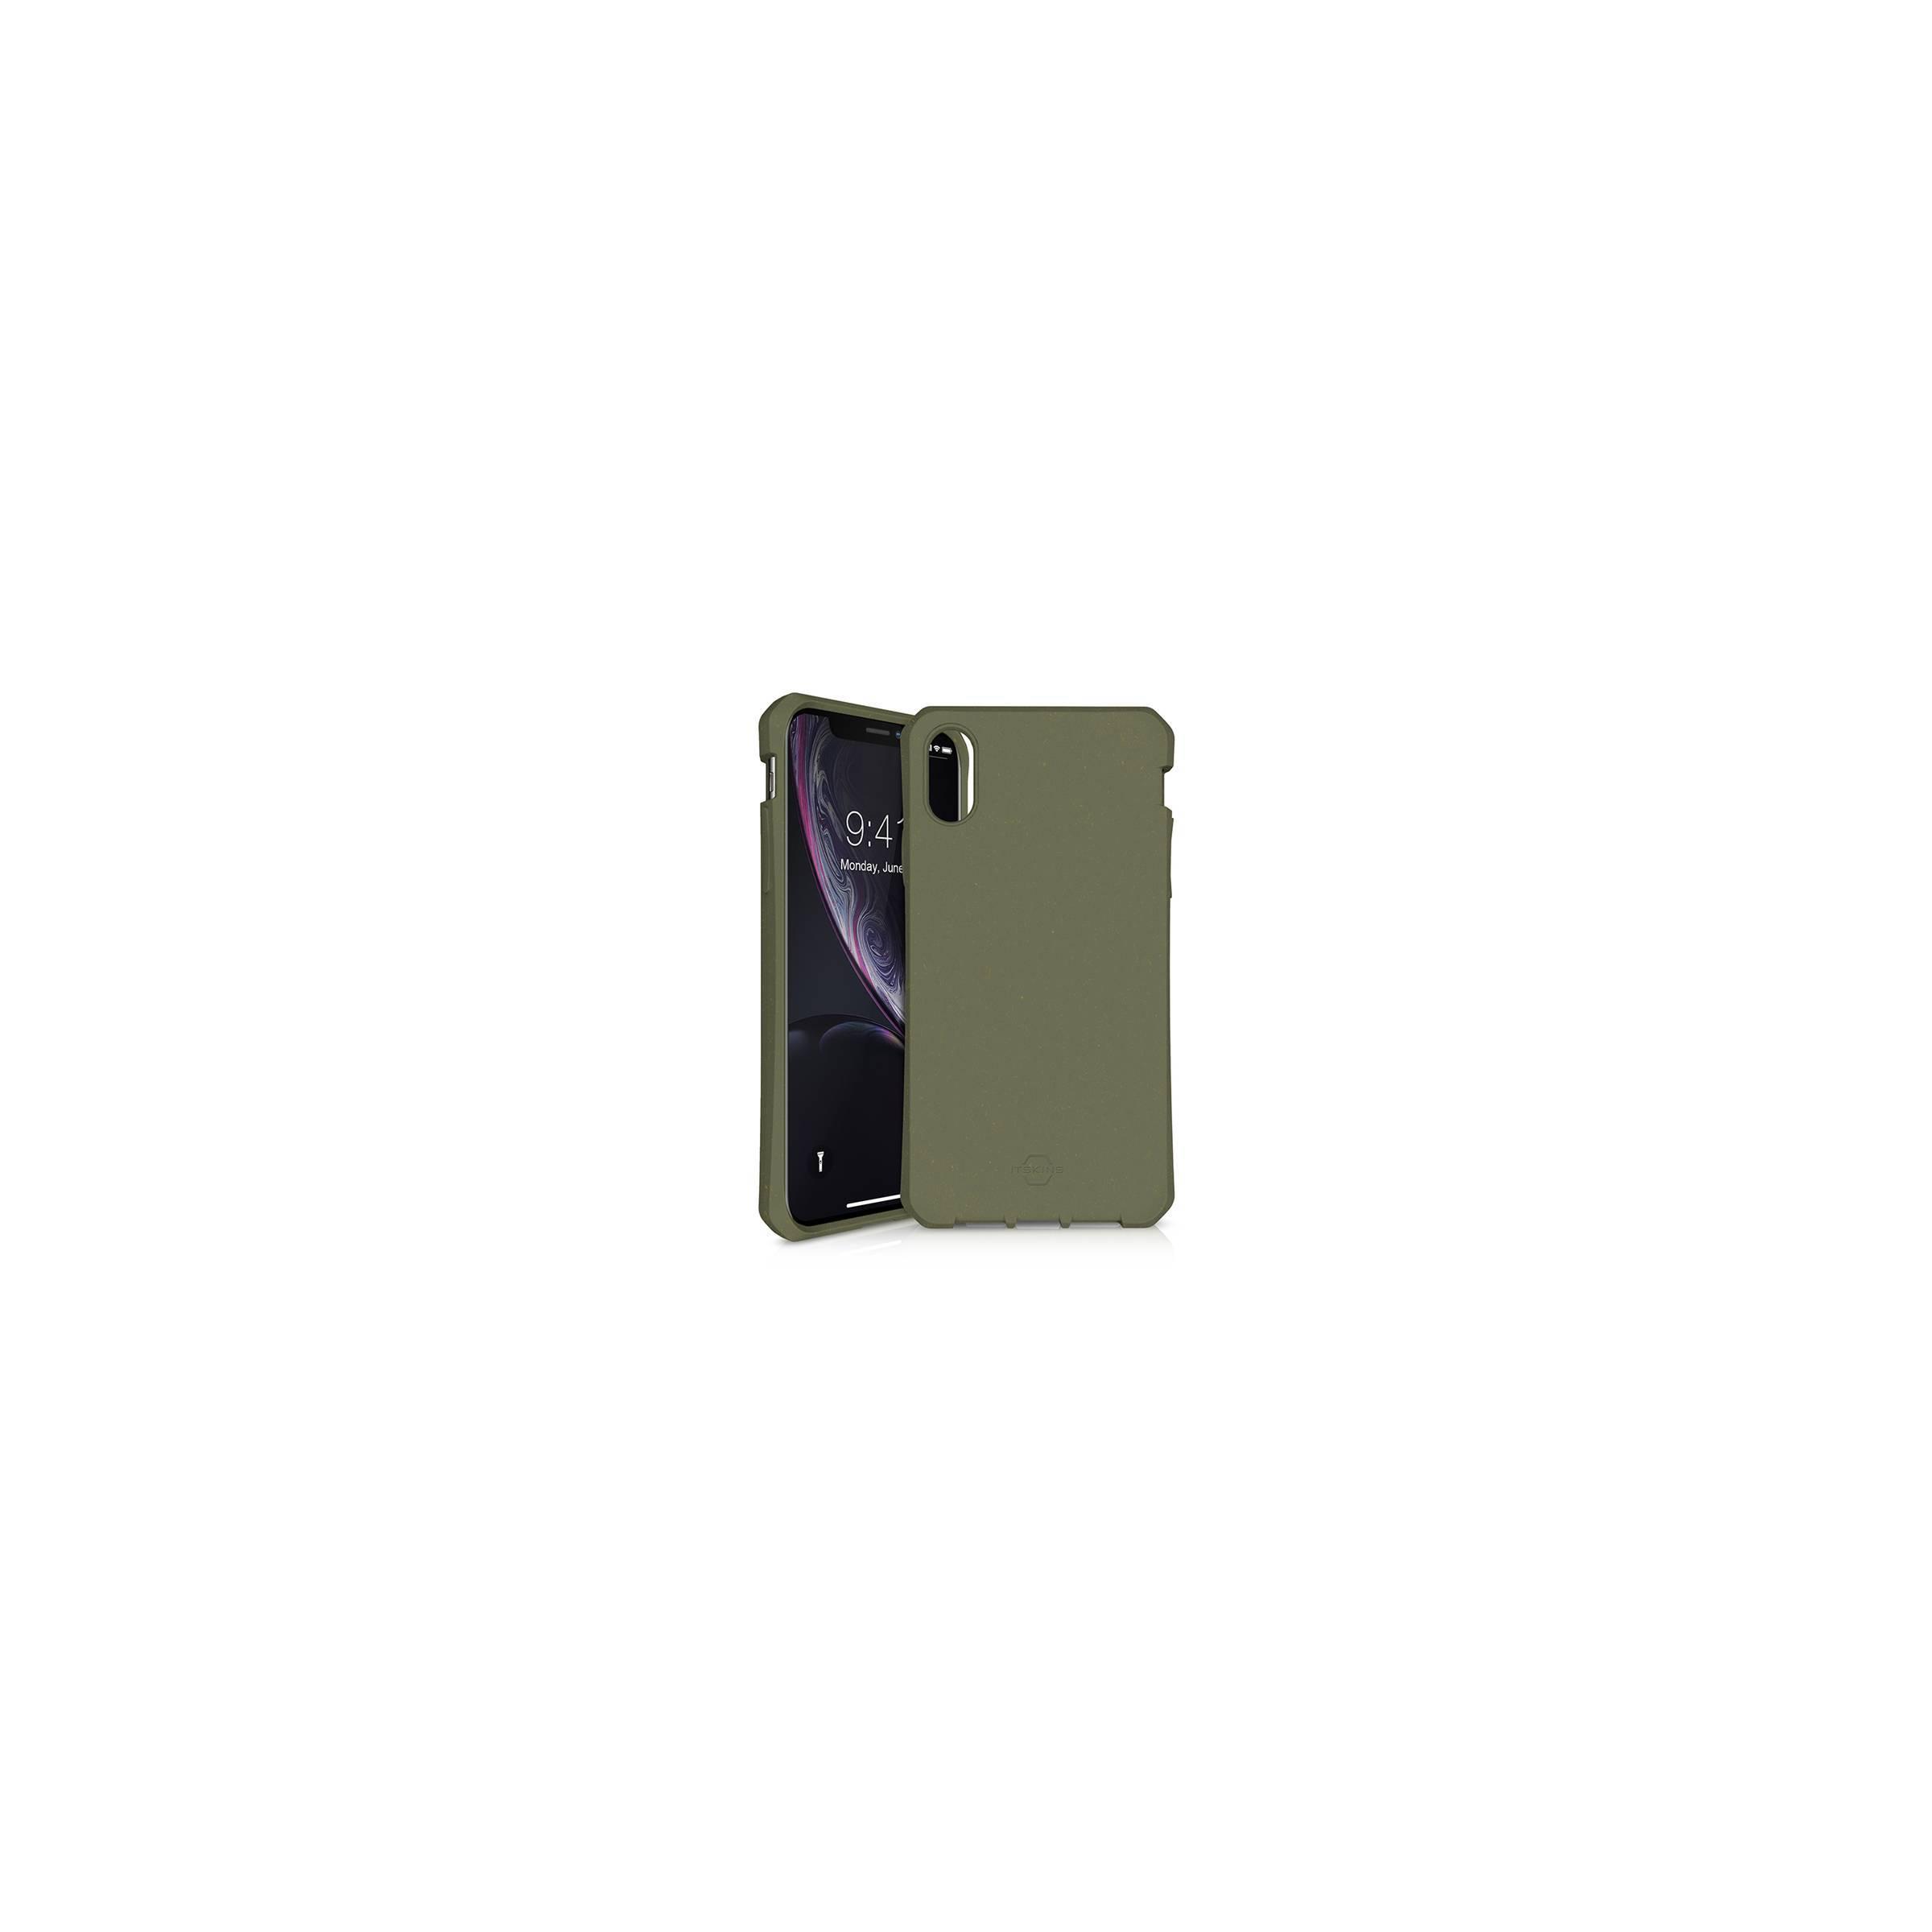 Feroniabio bionedbrydeligt iphone xr cover grøn fra itskins fra itskins fra mackabler.dk